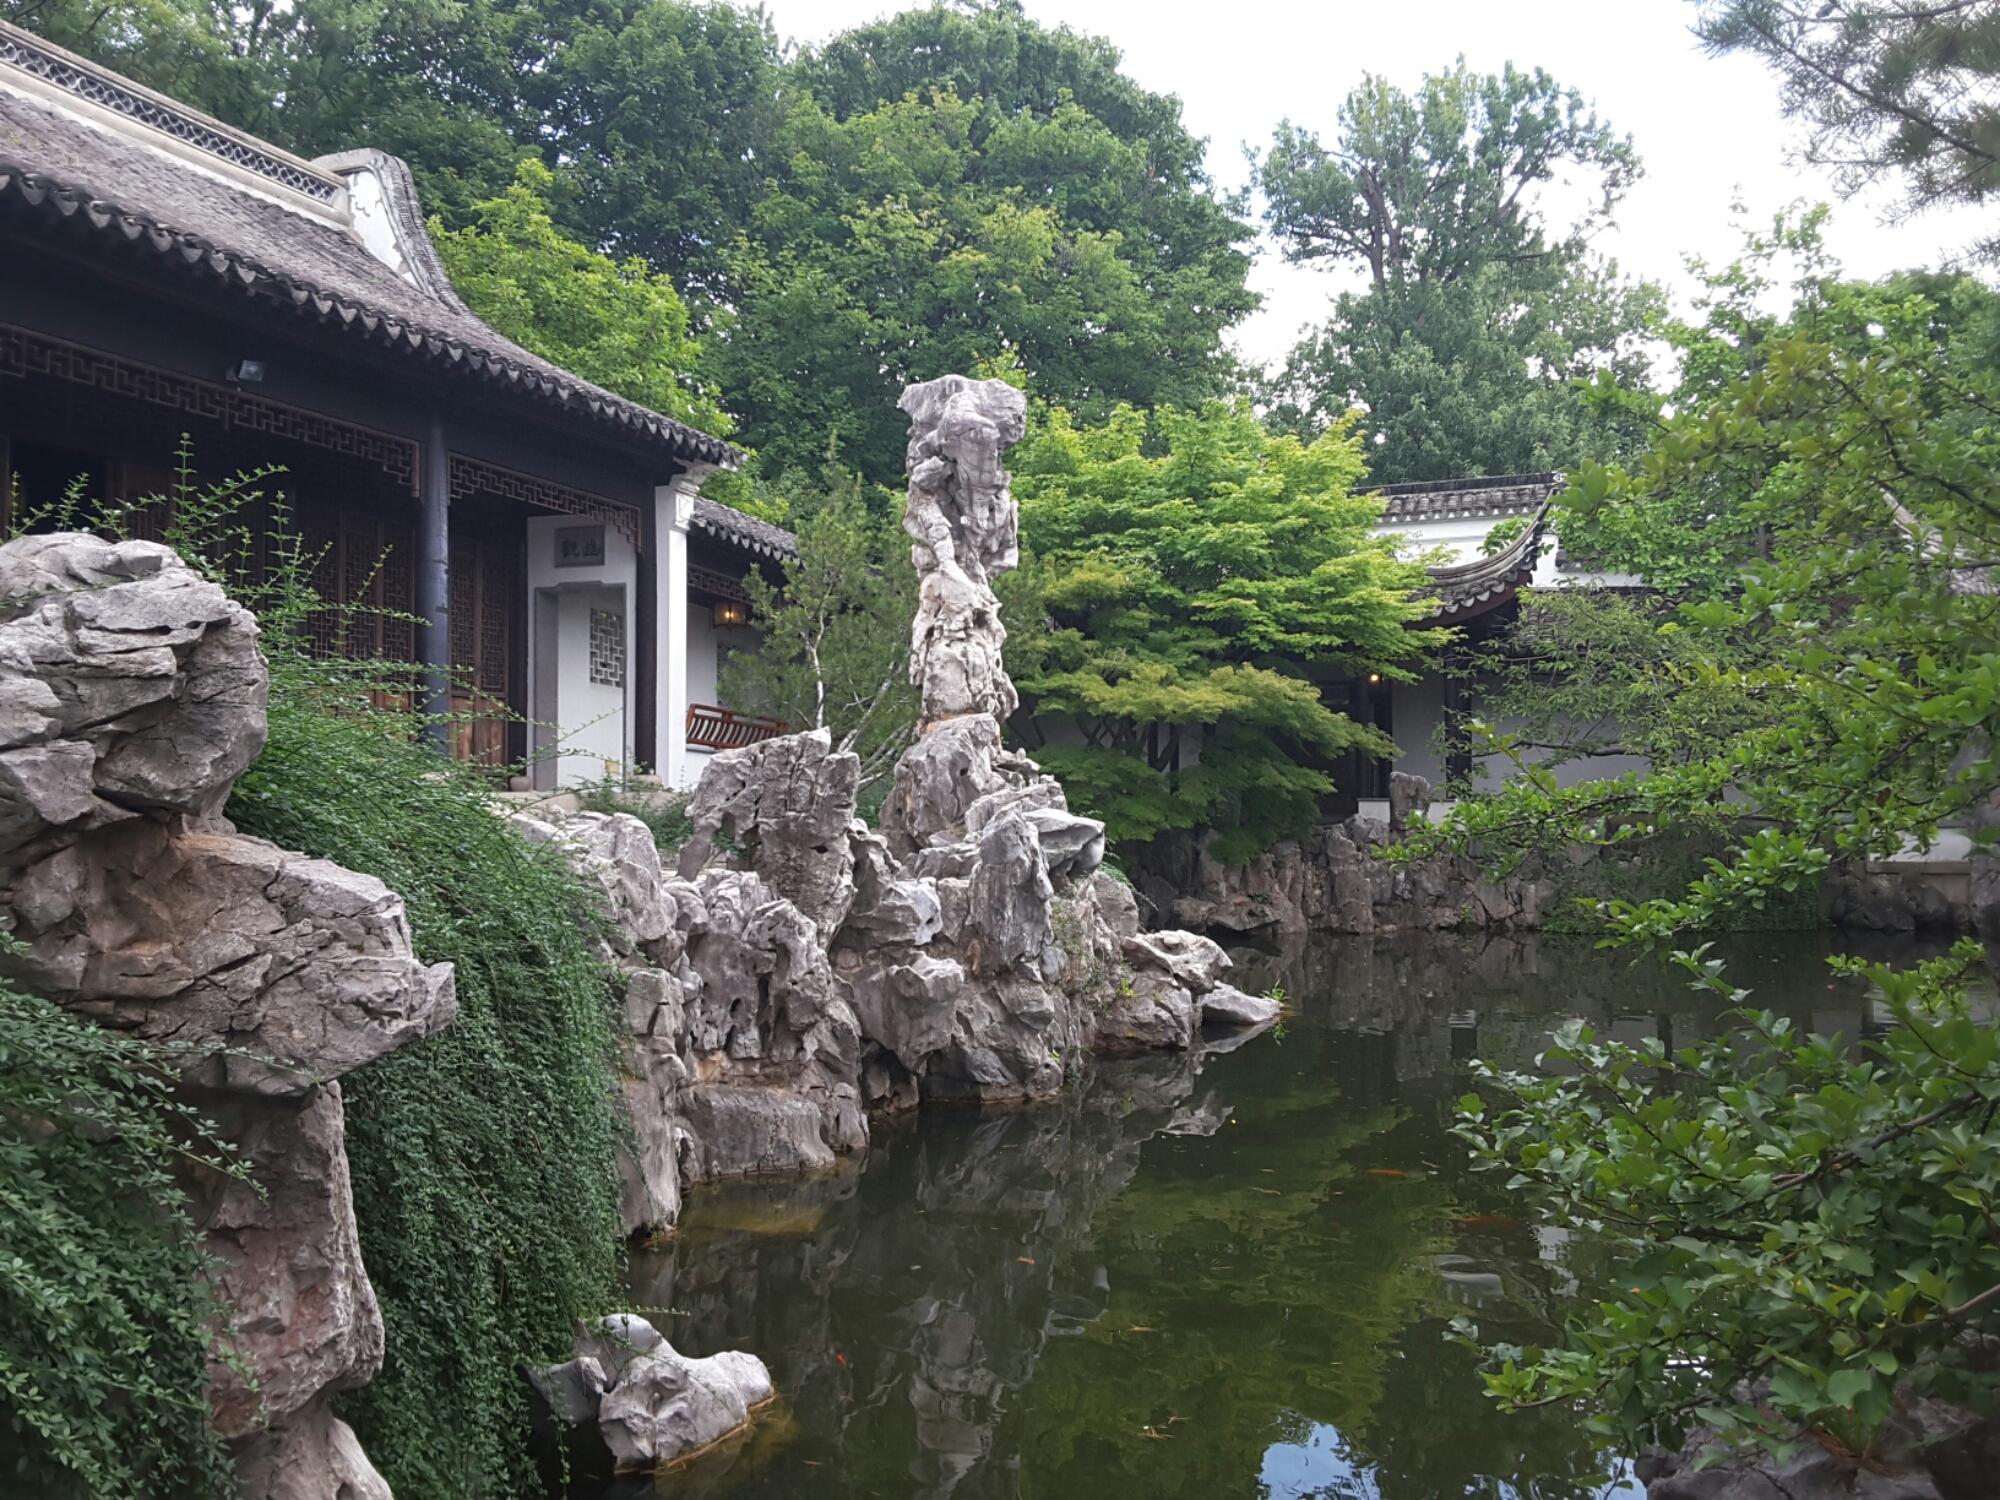 New york chinese scholar s garden garden ftempo for New york chinese scholar s garden